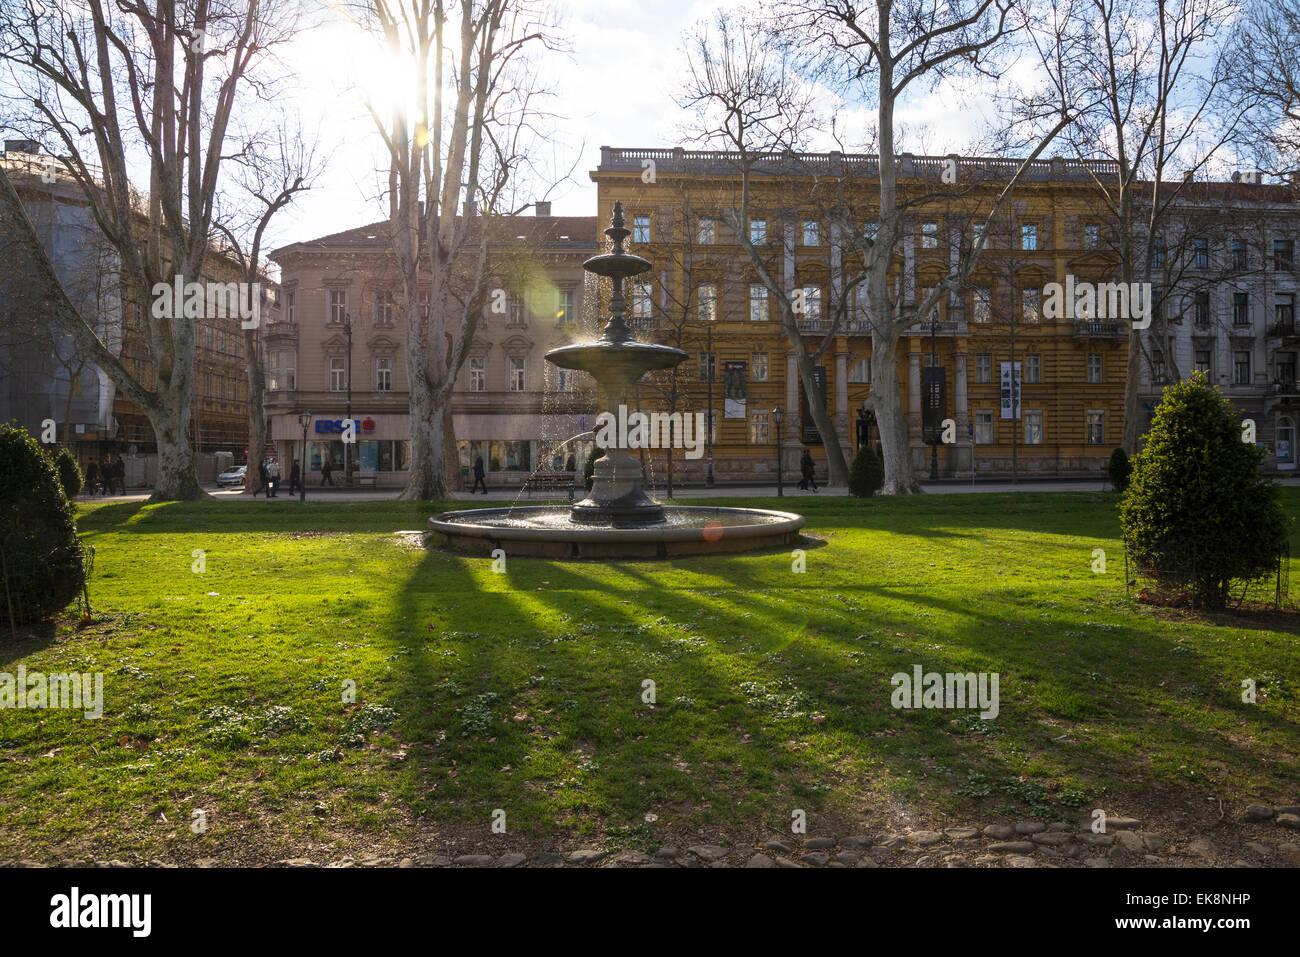 Zrinjevac or Josip Juraj Strossmayer park and square, Zagreb, Croatia Stock Photo